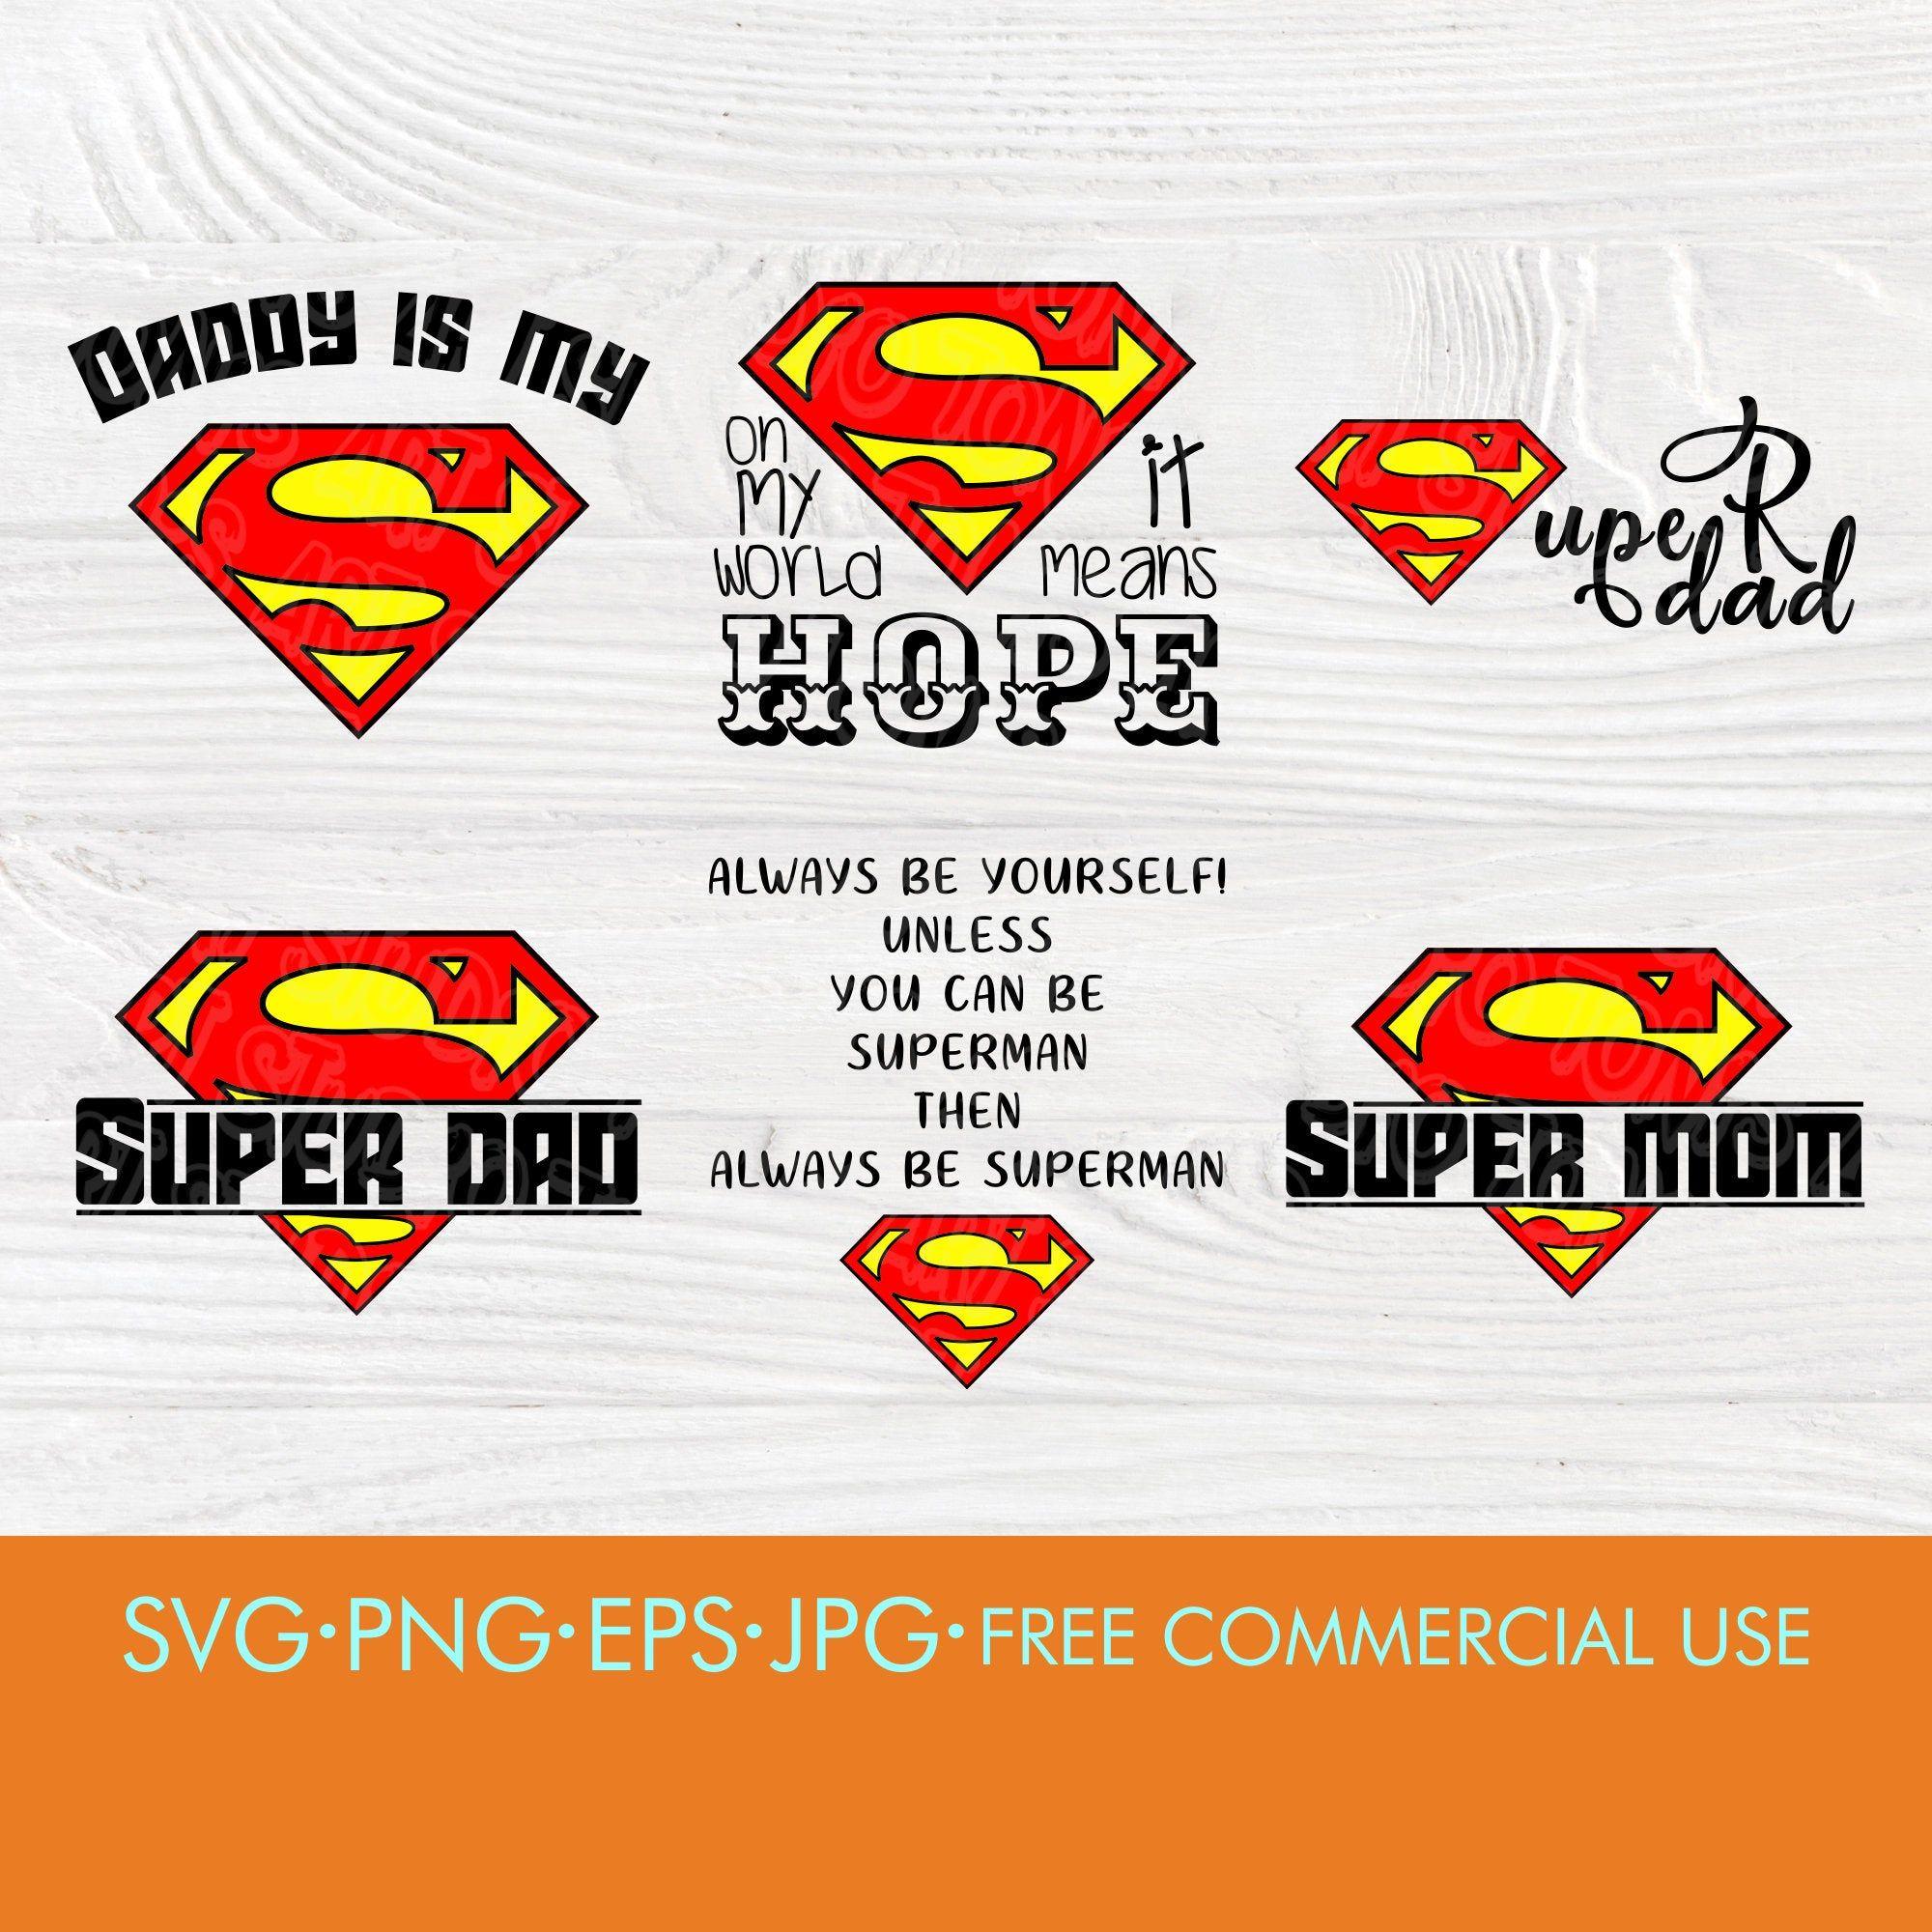 Superman Svg Superhero Svg Super Dad Svg Super Mom Svg Superman Sign Superman Logo Superman Clipart Superman Super Dad Superman Clipart Superman